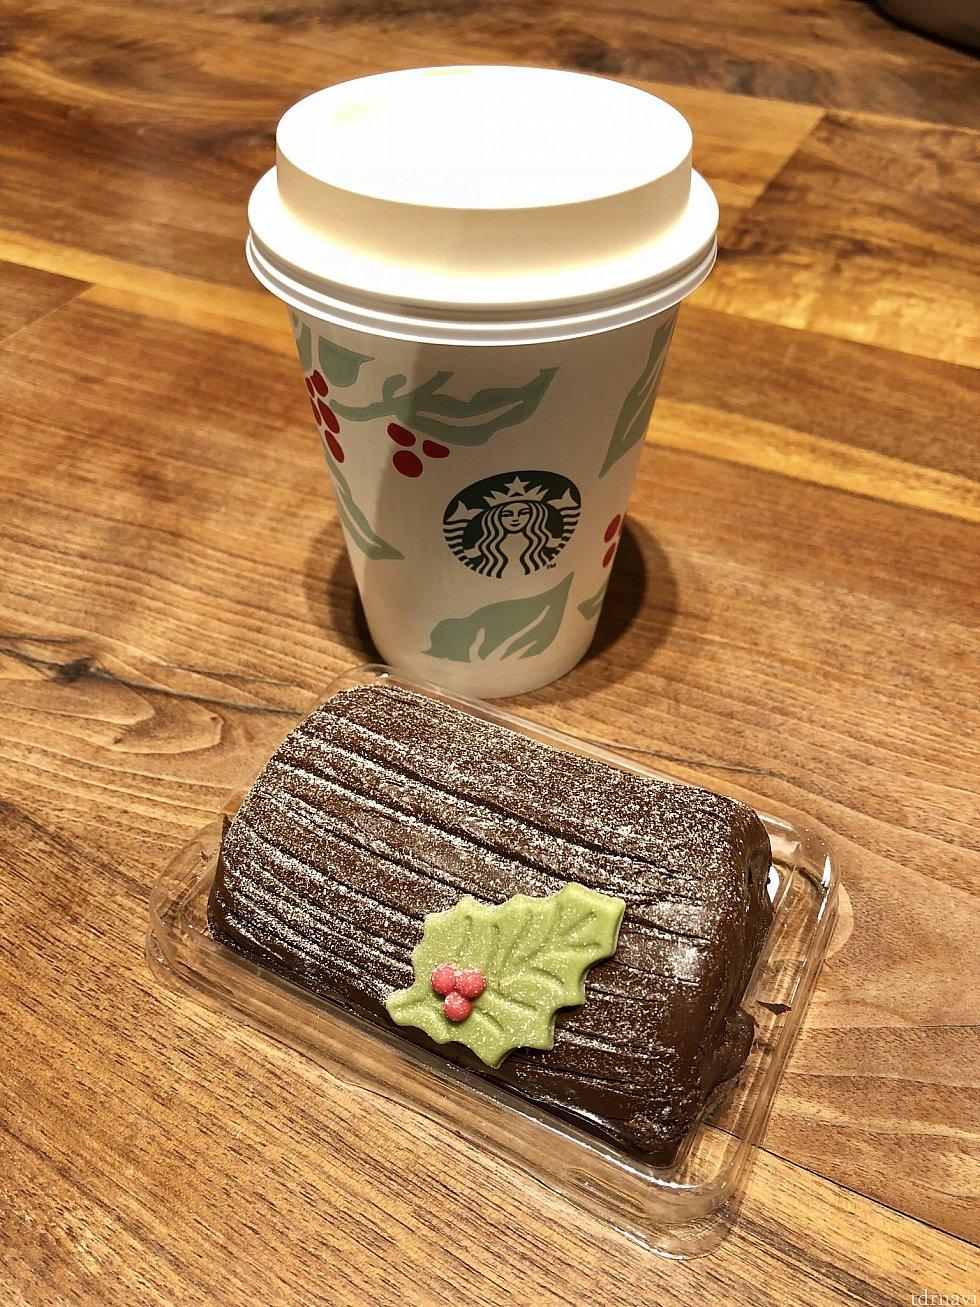 チョコレートケーキ(32元)とカフェラテ(29元) かなり濃厚でした!